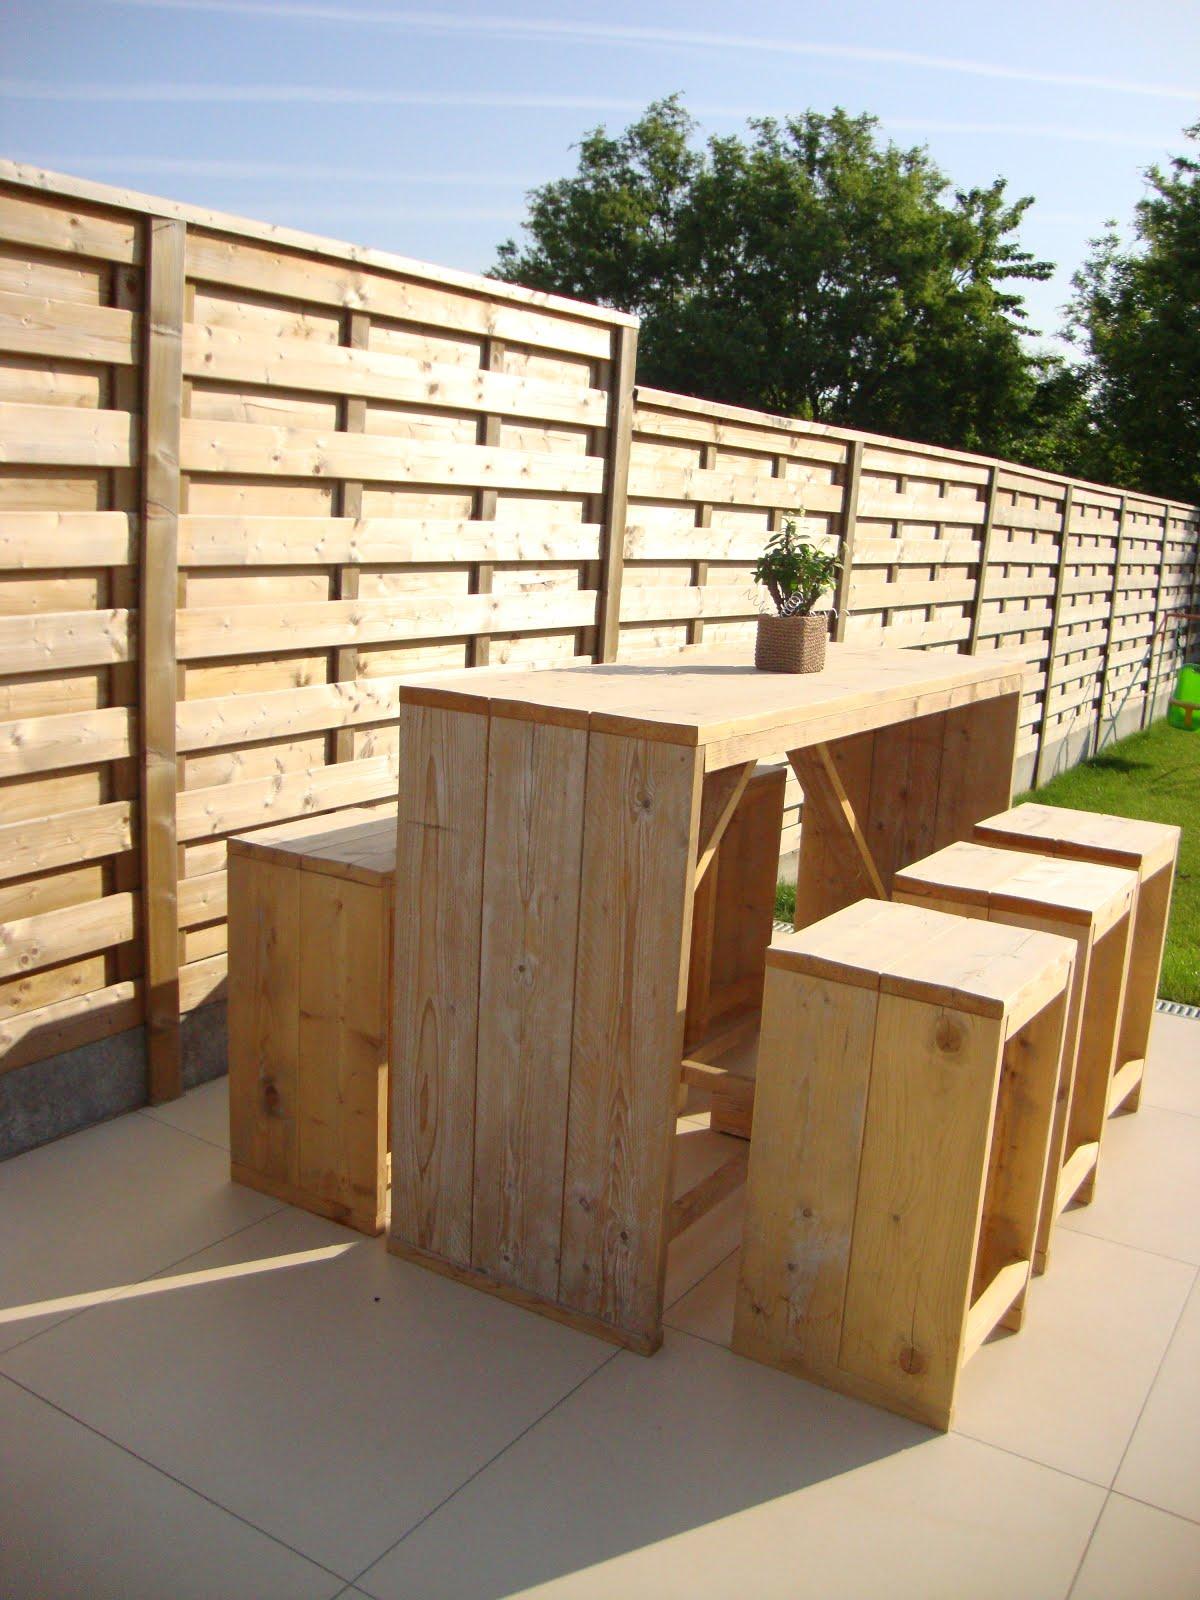 Ylzy design maatwerk in hout foto 39 s steigerhout meubelen poorten en terrassen - Buiten terrassen ...